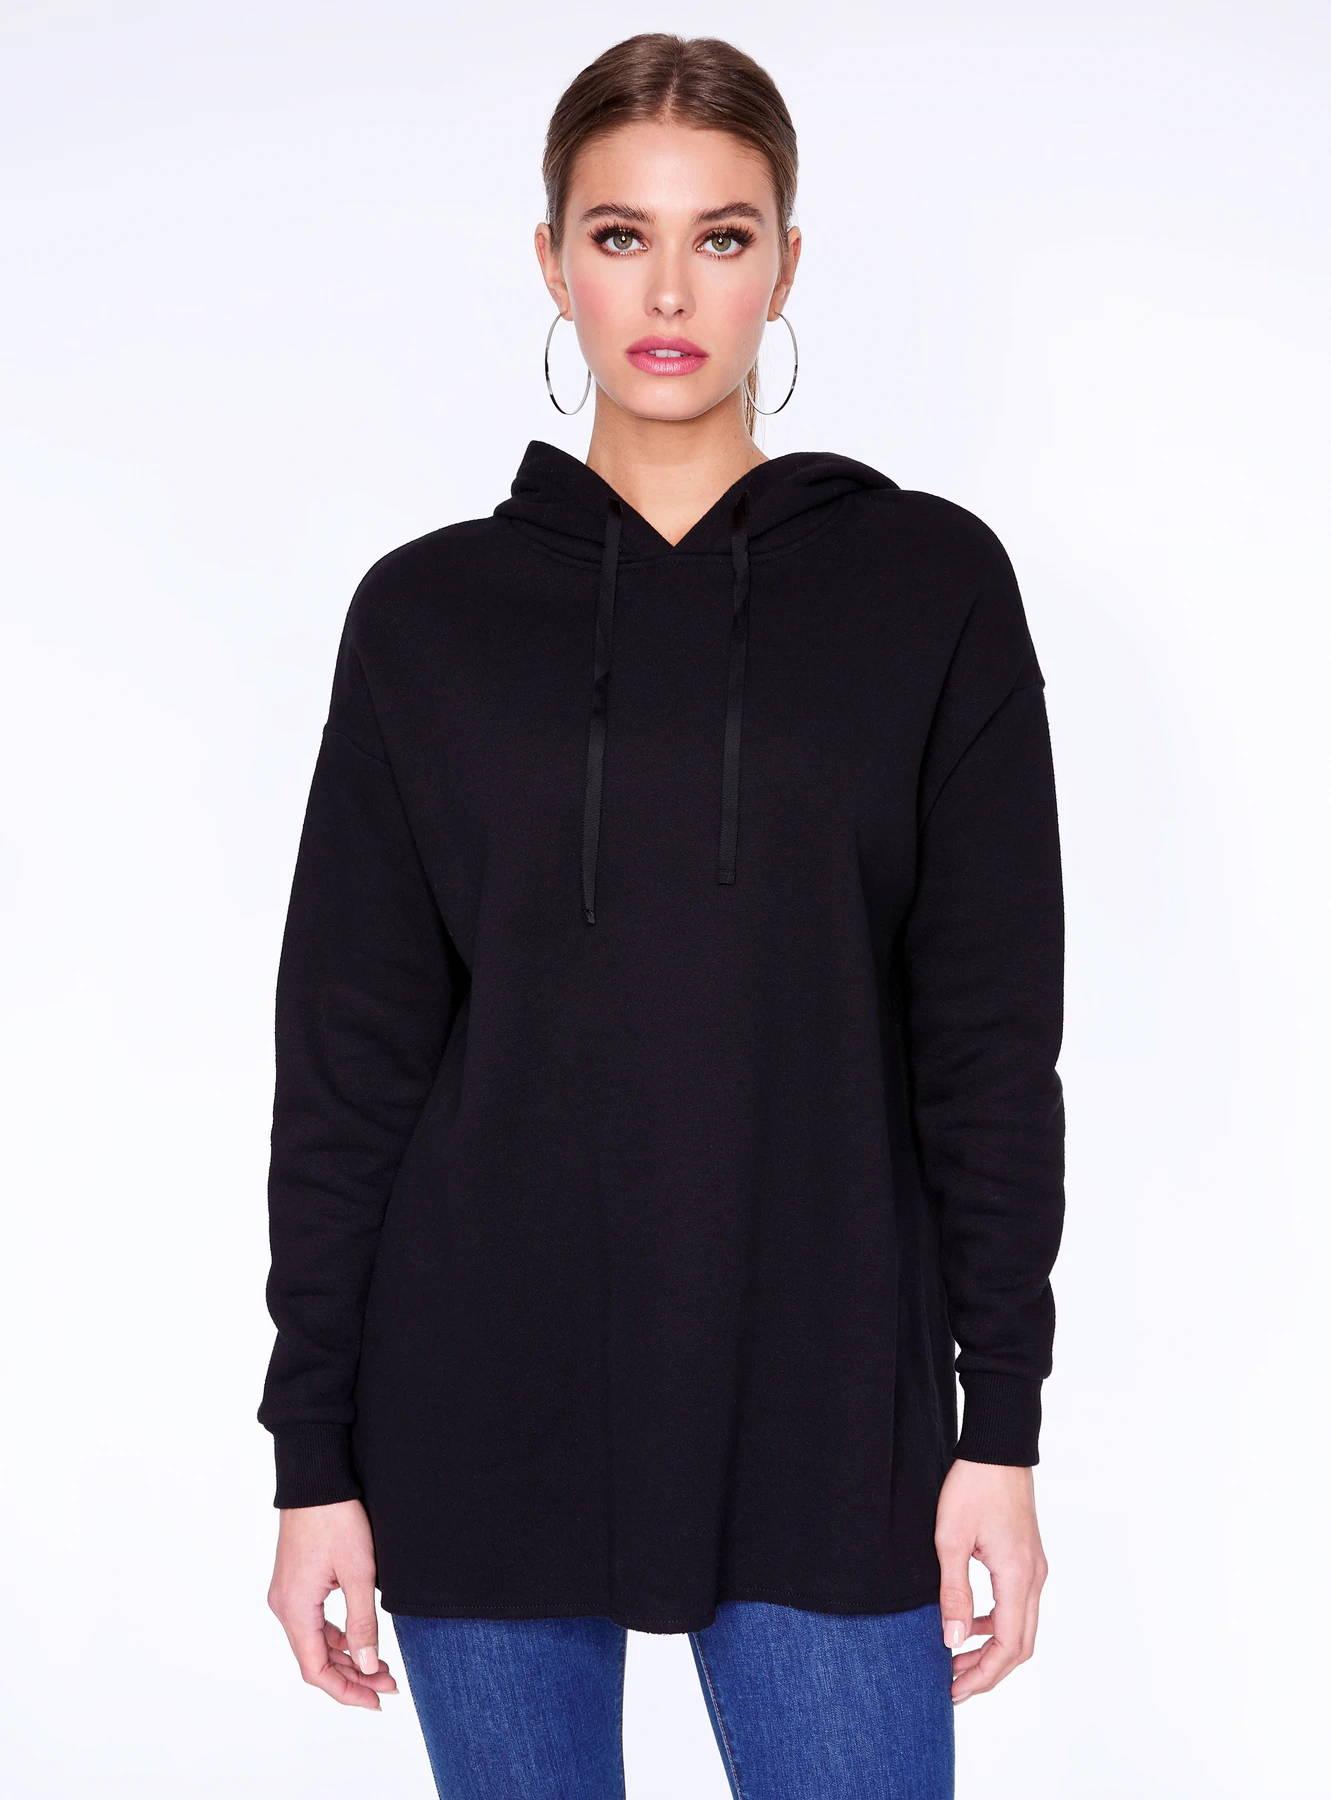 Basic Black Long Sleeve Hoodie